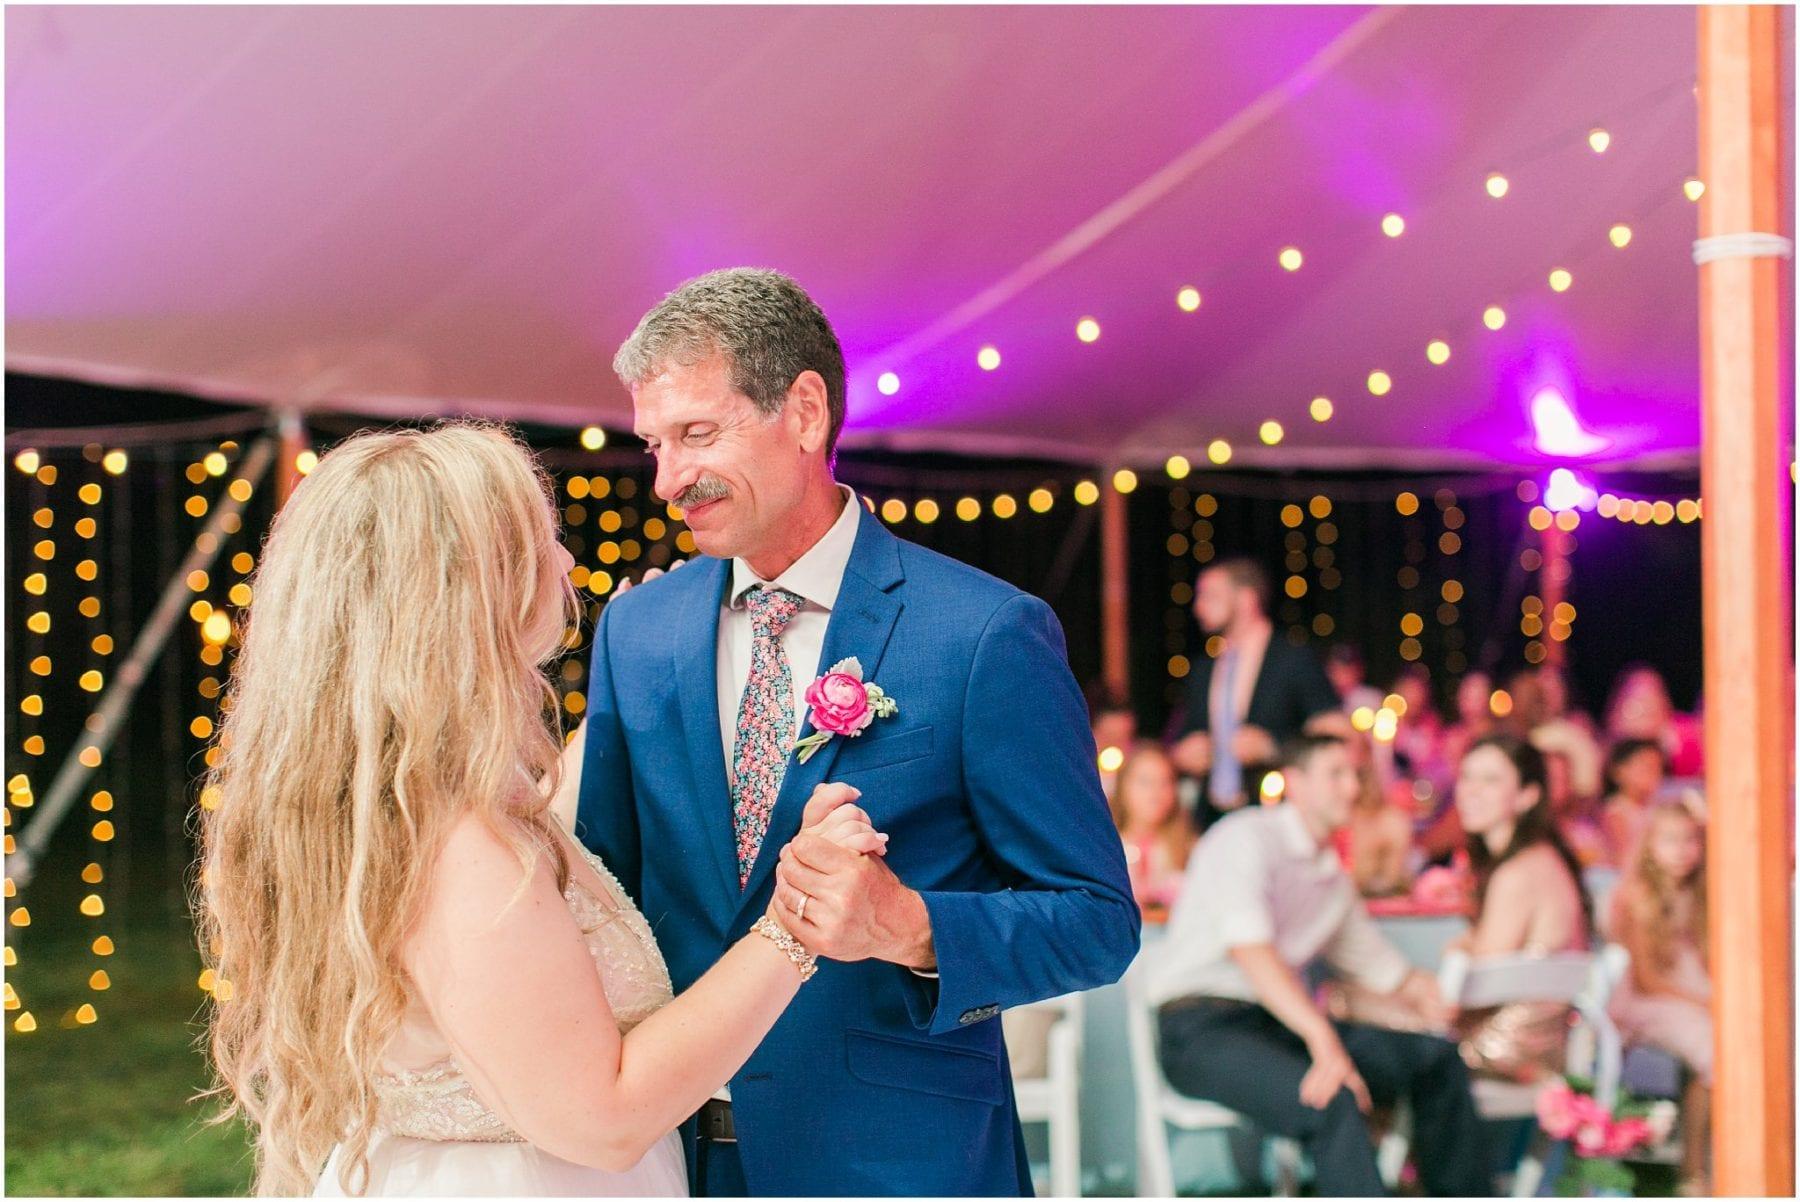 Maryland Backyard Wedding Photos Kelly & Zach Megan Kelsey Photography-306.jpg